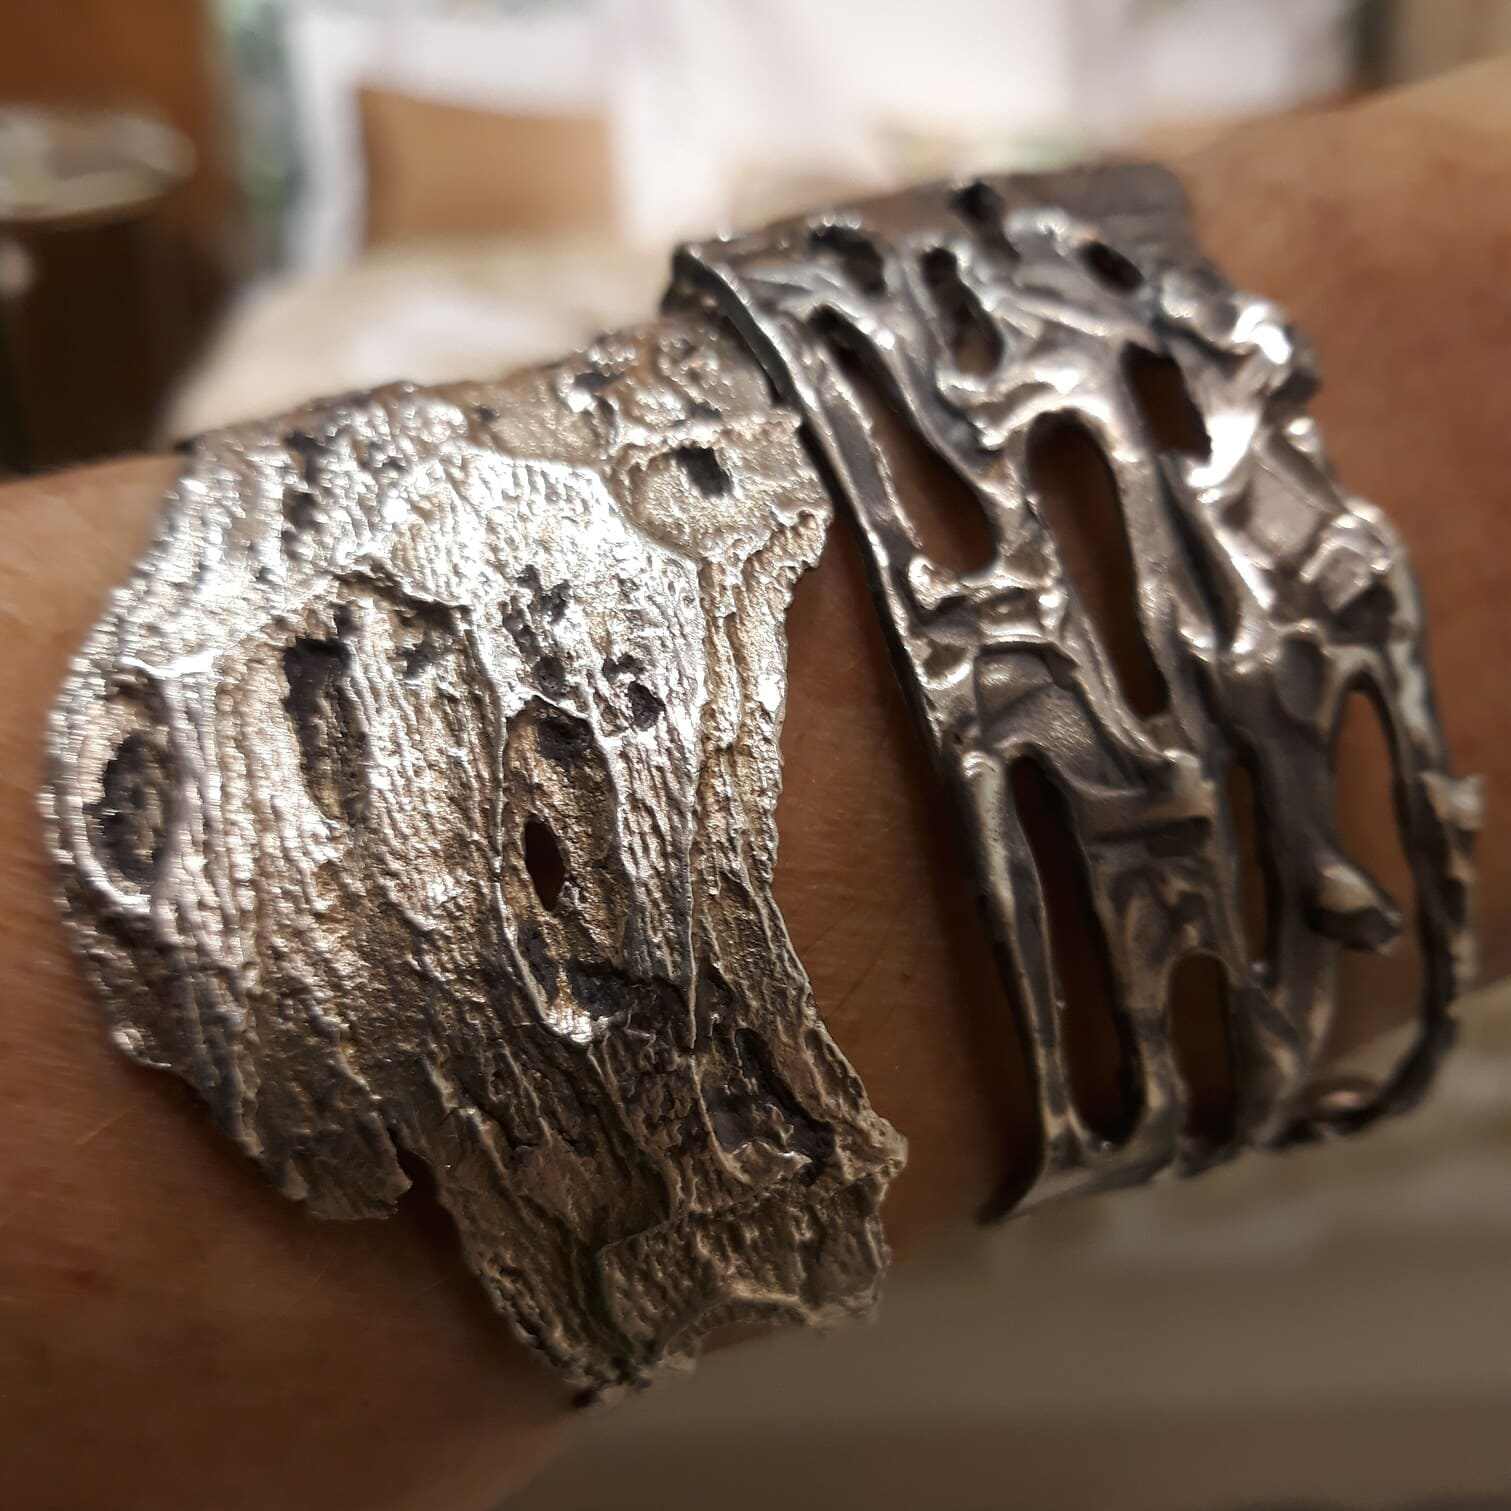 brazalete de plata para mujer, pepamassana barcelona, regalar brazalete de diseño, joyeria natural, joyasmarket